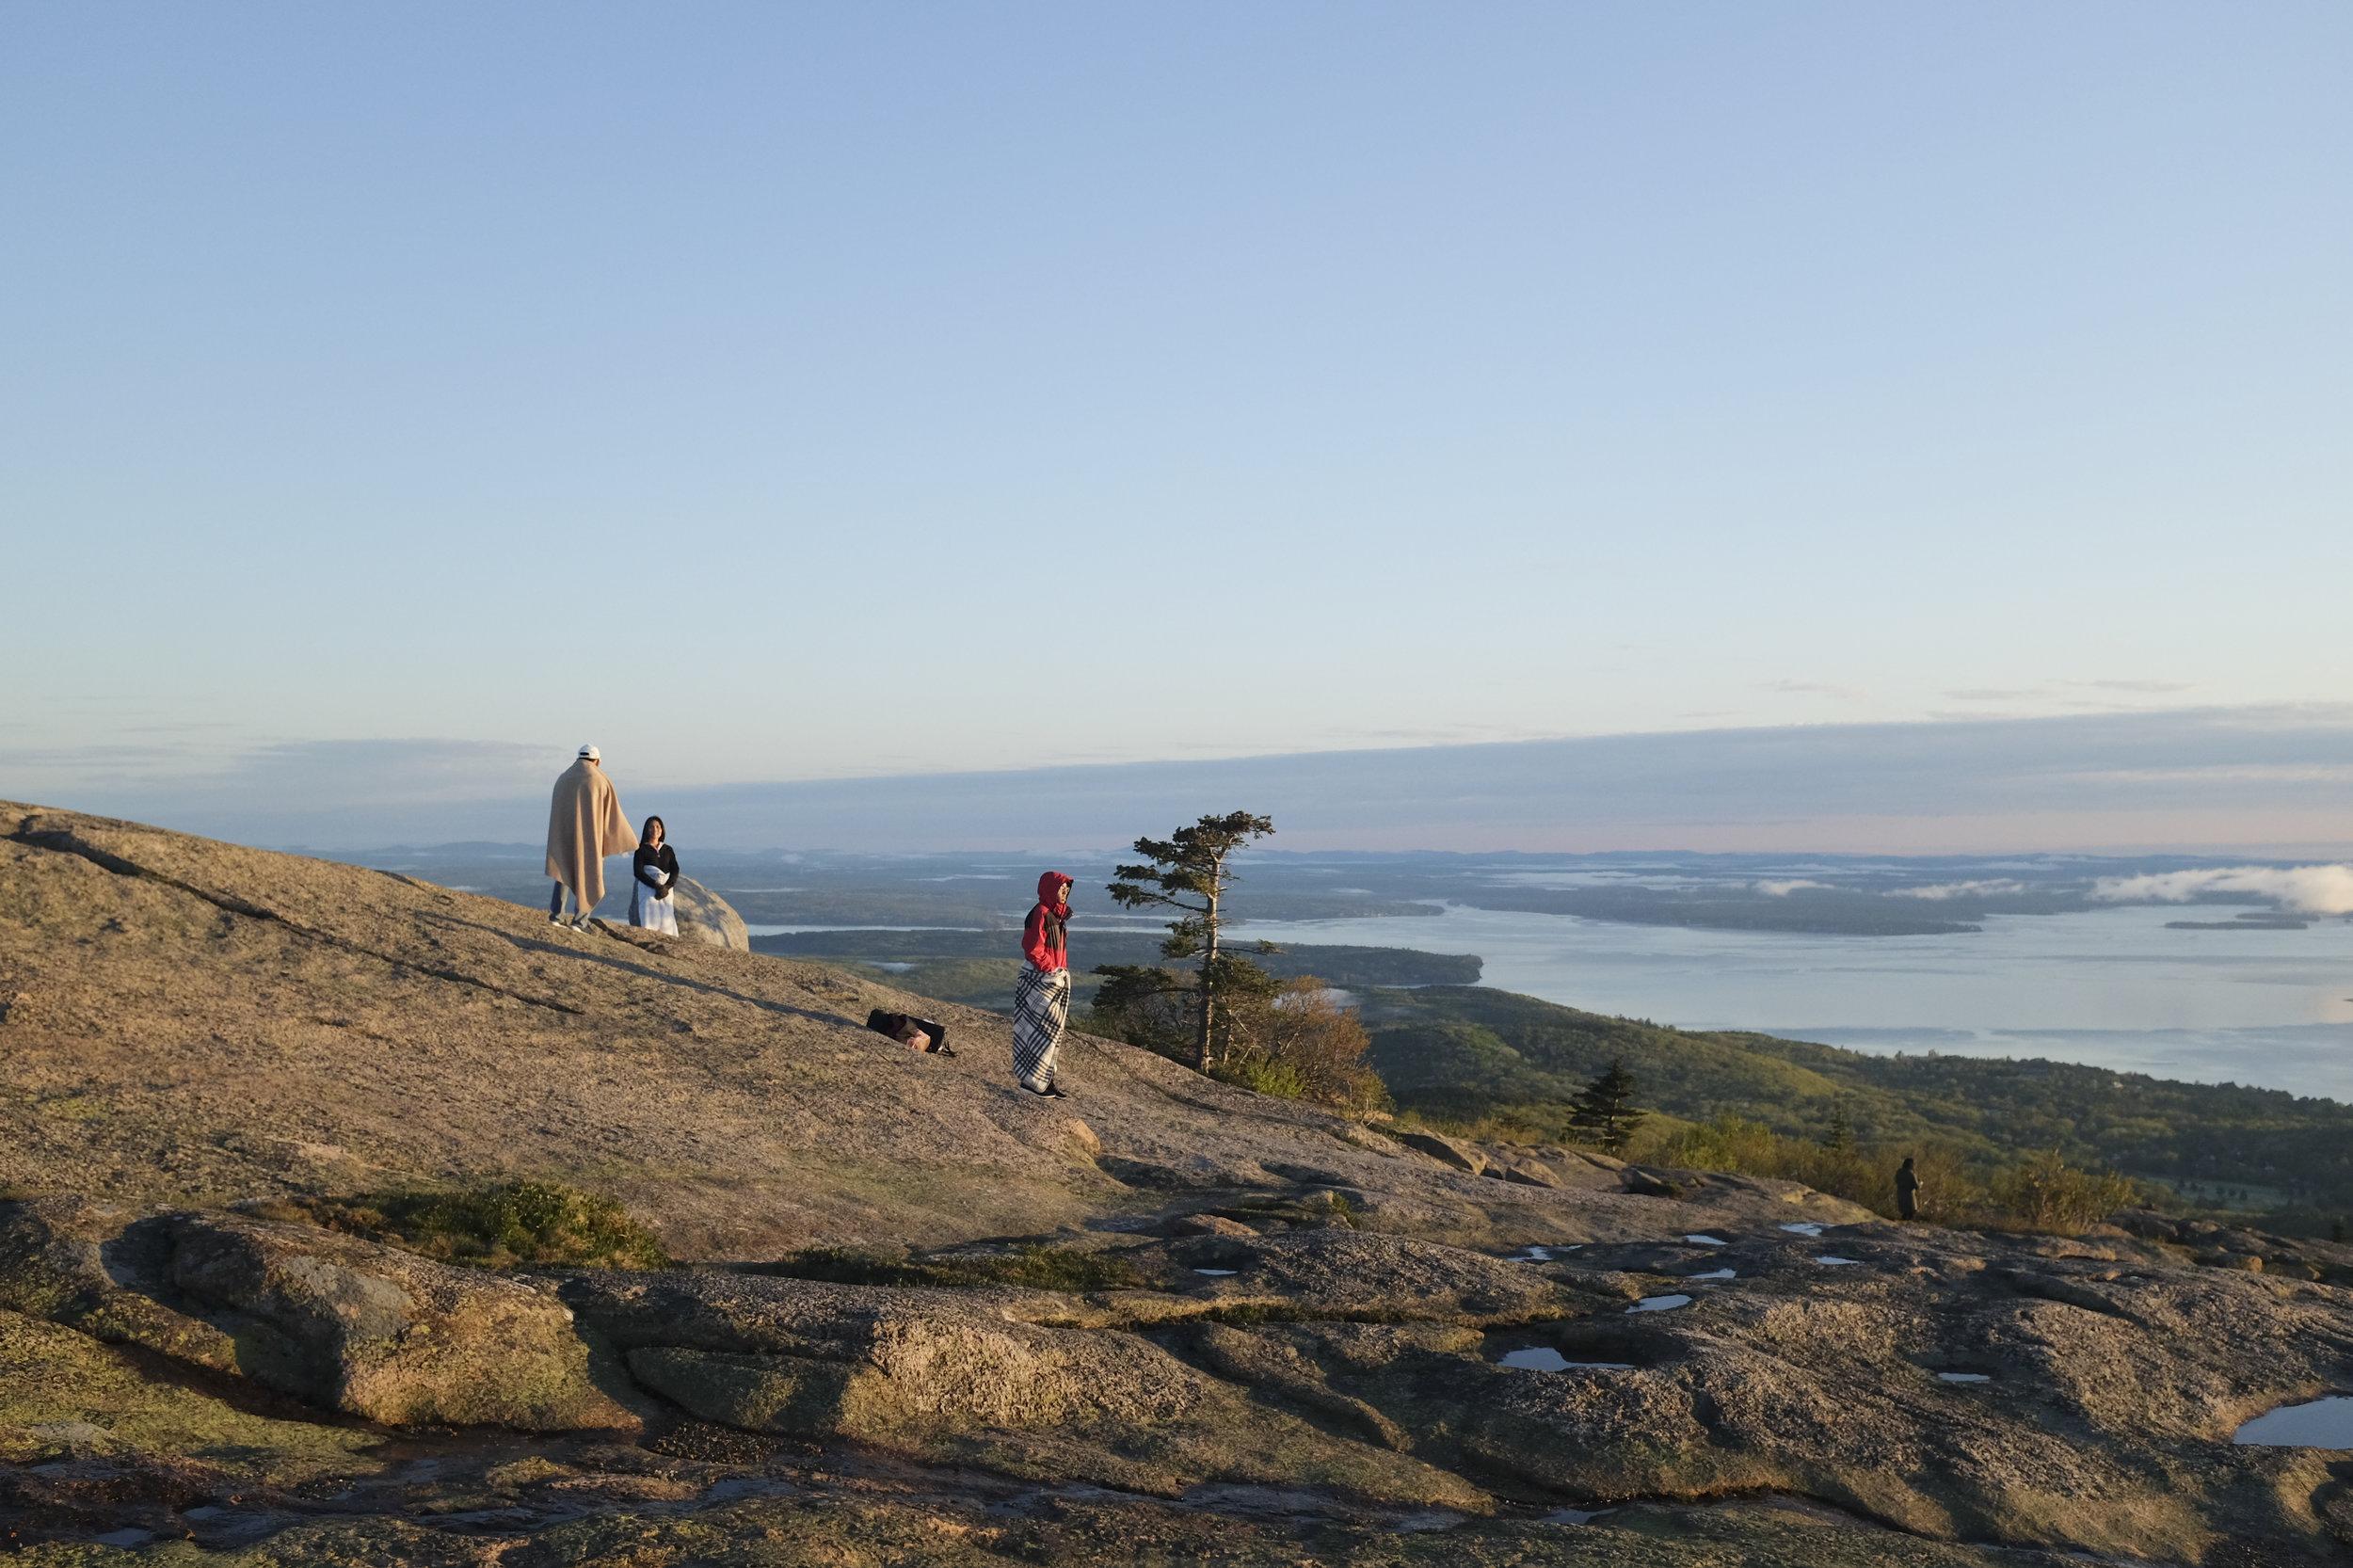 AcadiaCadillacMtn.jpg